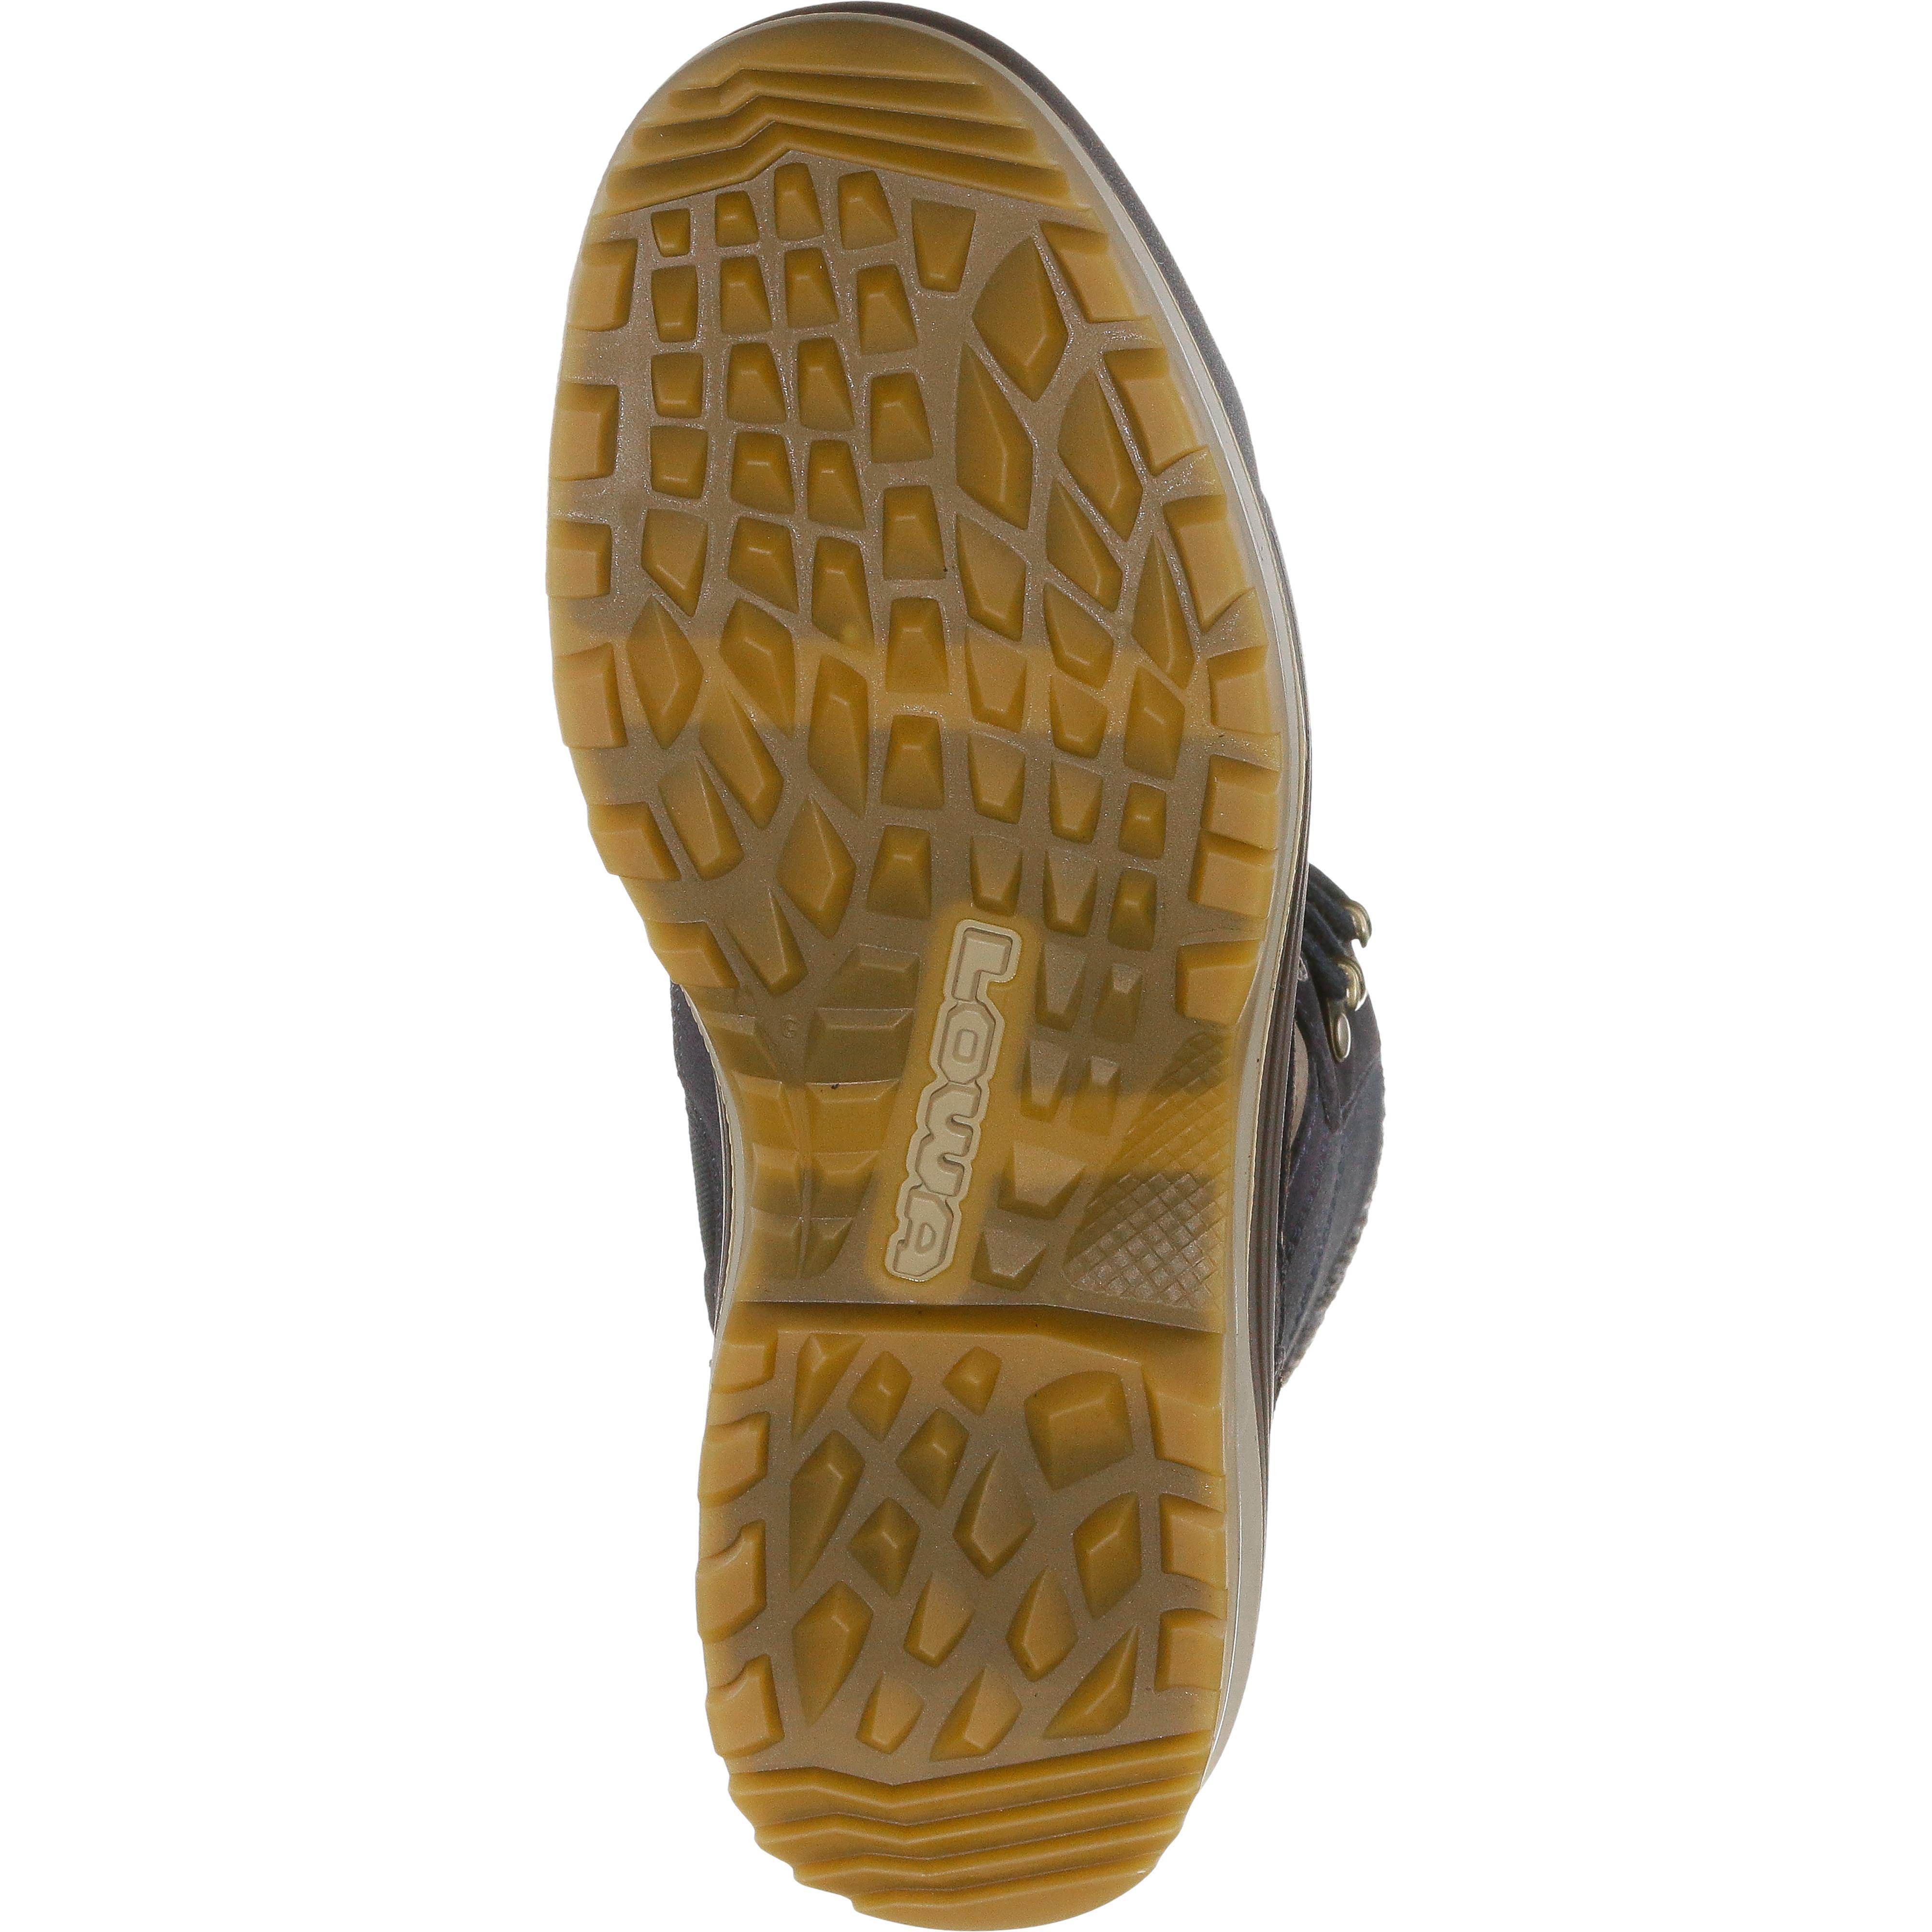 Lowa ISARCO III GTX® MID MID MID Winterschuhe Herren navy im Online Shop von SportScheck kaufen Gute Qualität beliebte Schuhe f6546b